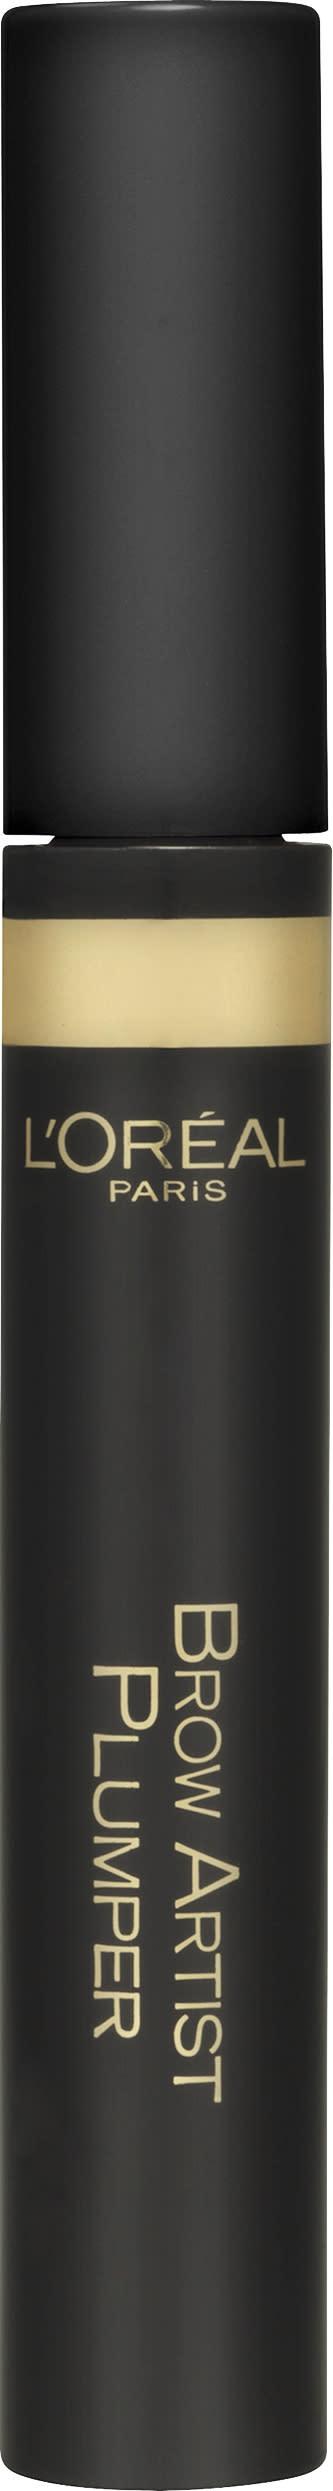 L'Oréal Paris Brow Artist_kulmakarvageeli_väritön